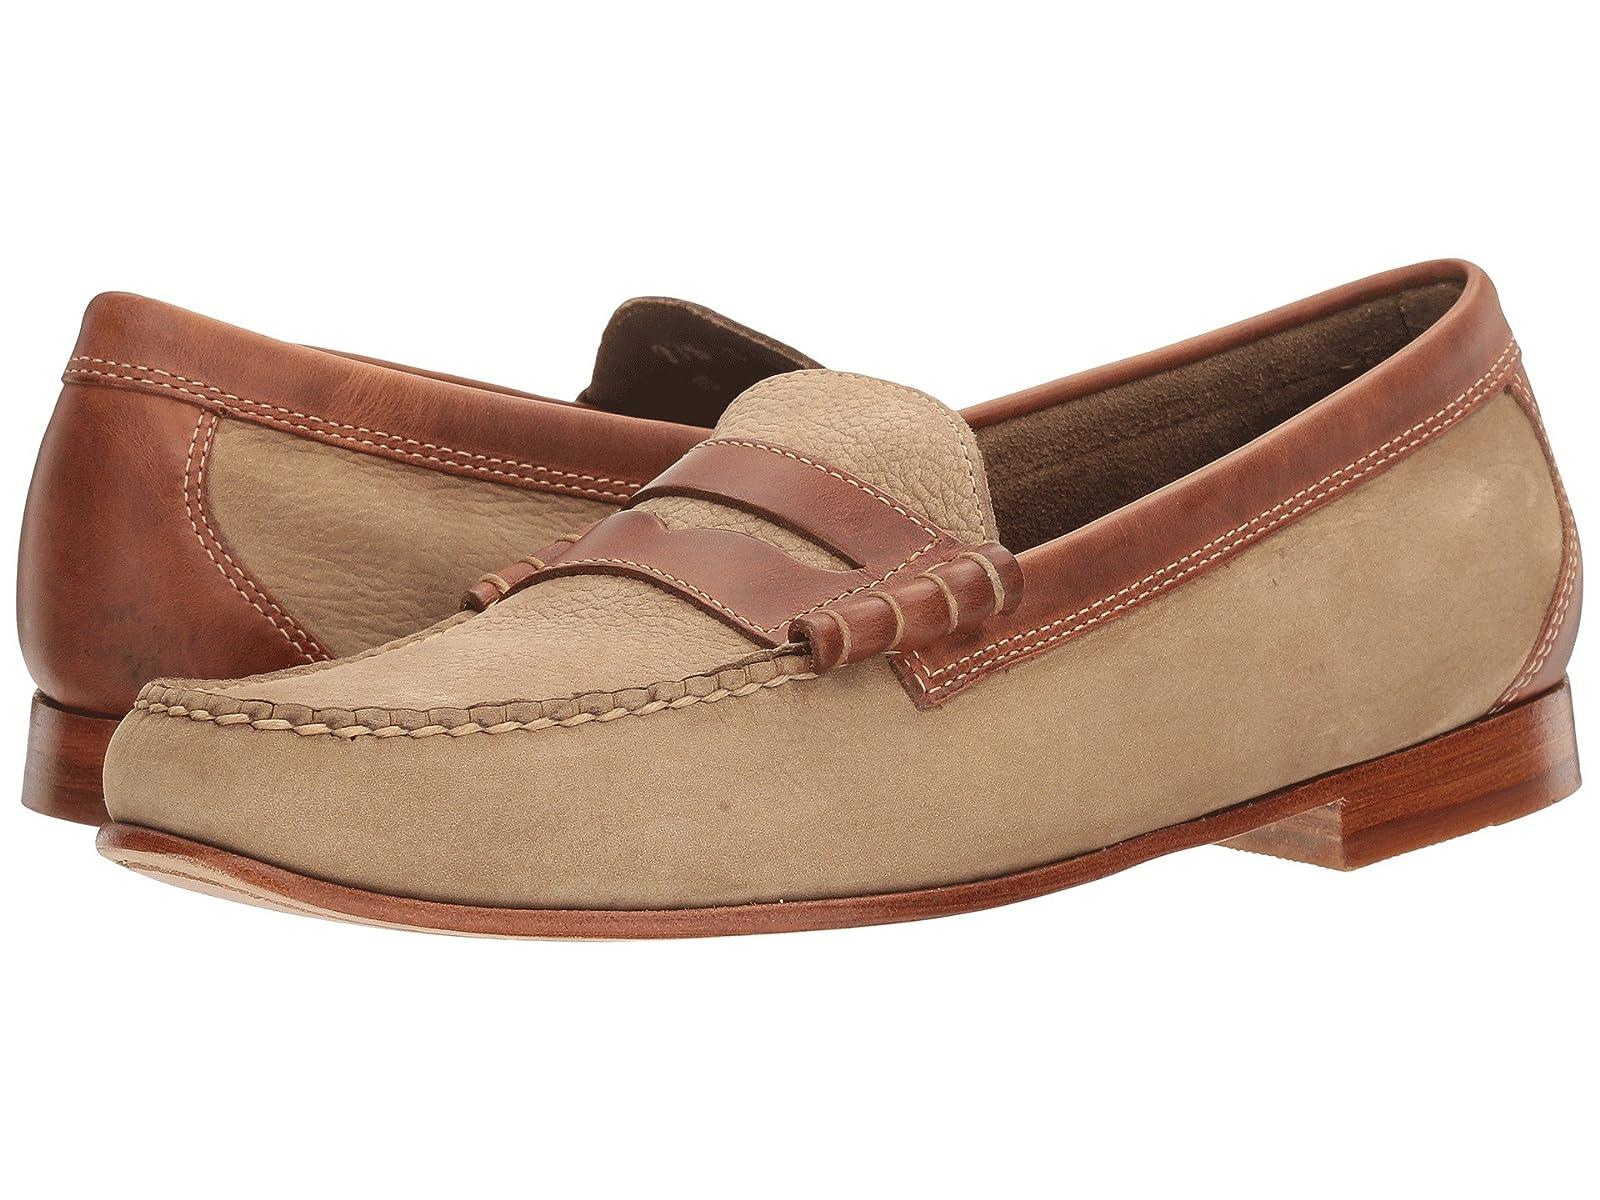 G.H. Bass & Co. Lambert WeejunsCheap and distinctive eye-catching shoes